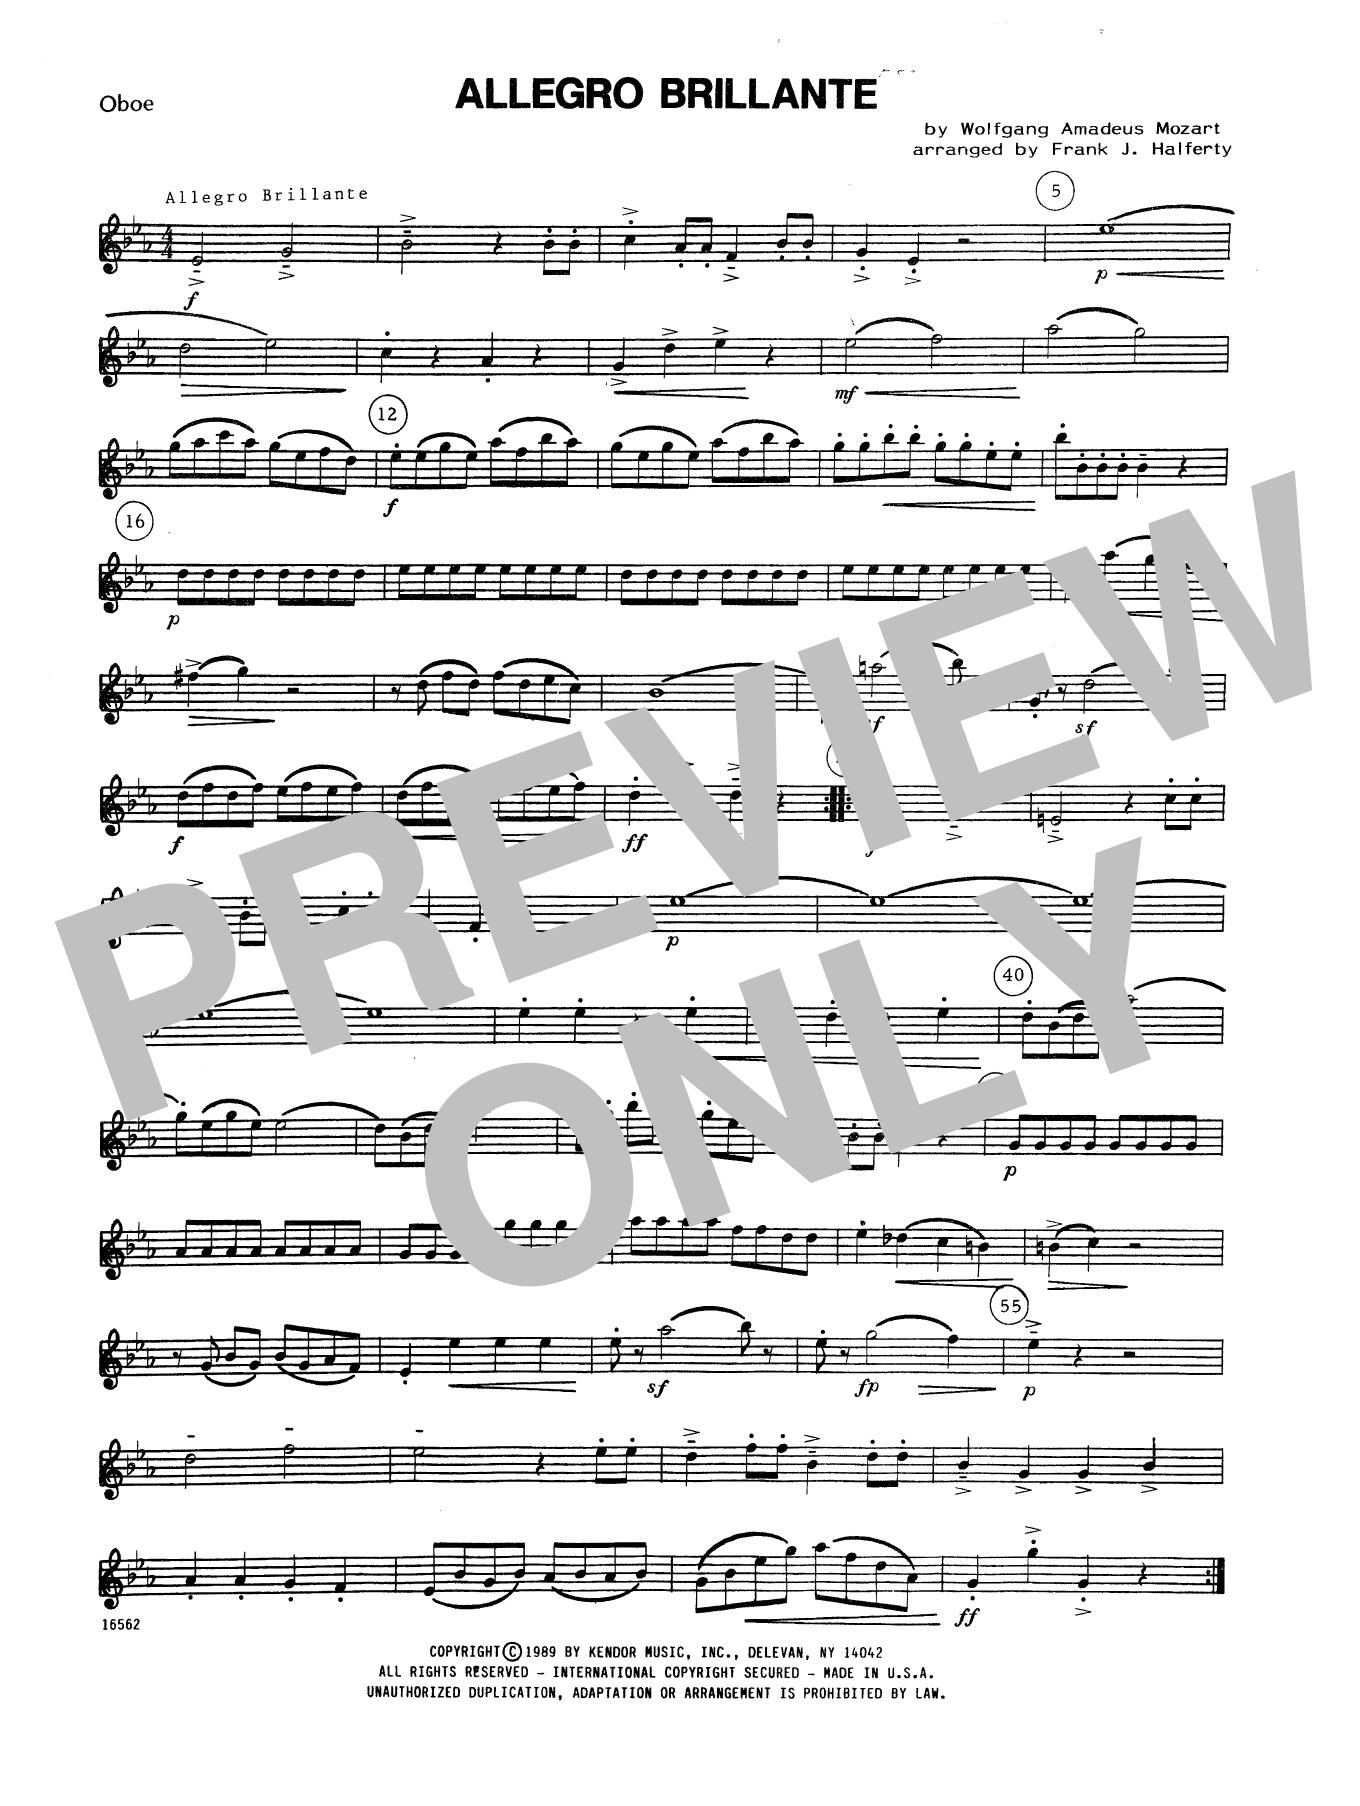 Allegro Brillante - Oboe Sheet Music